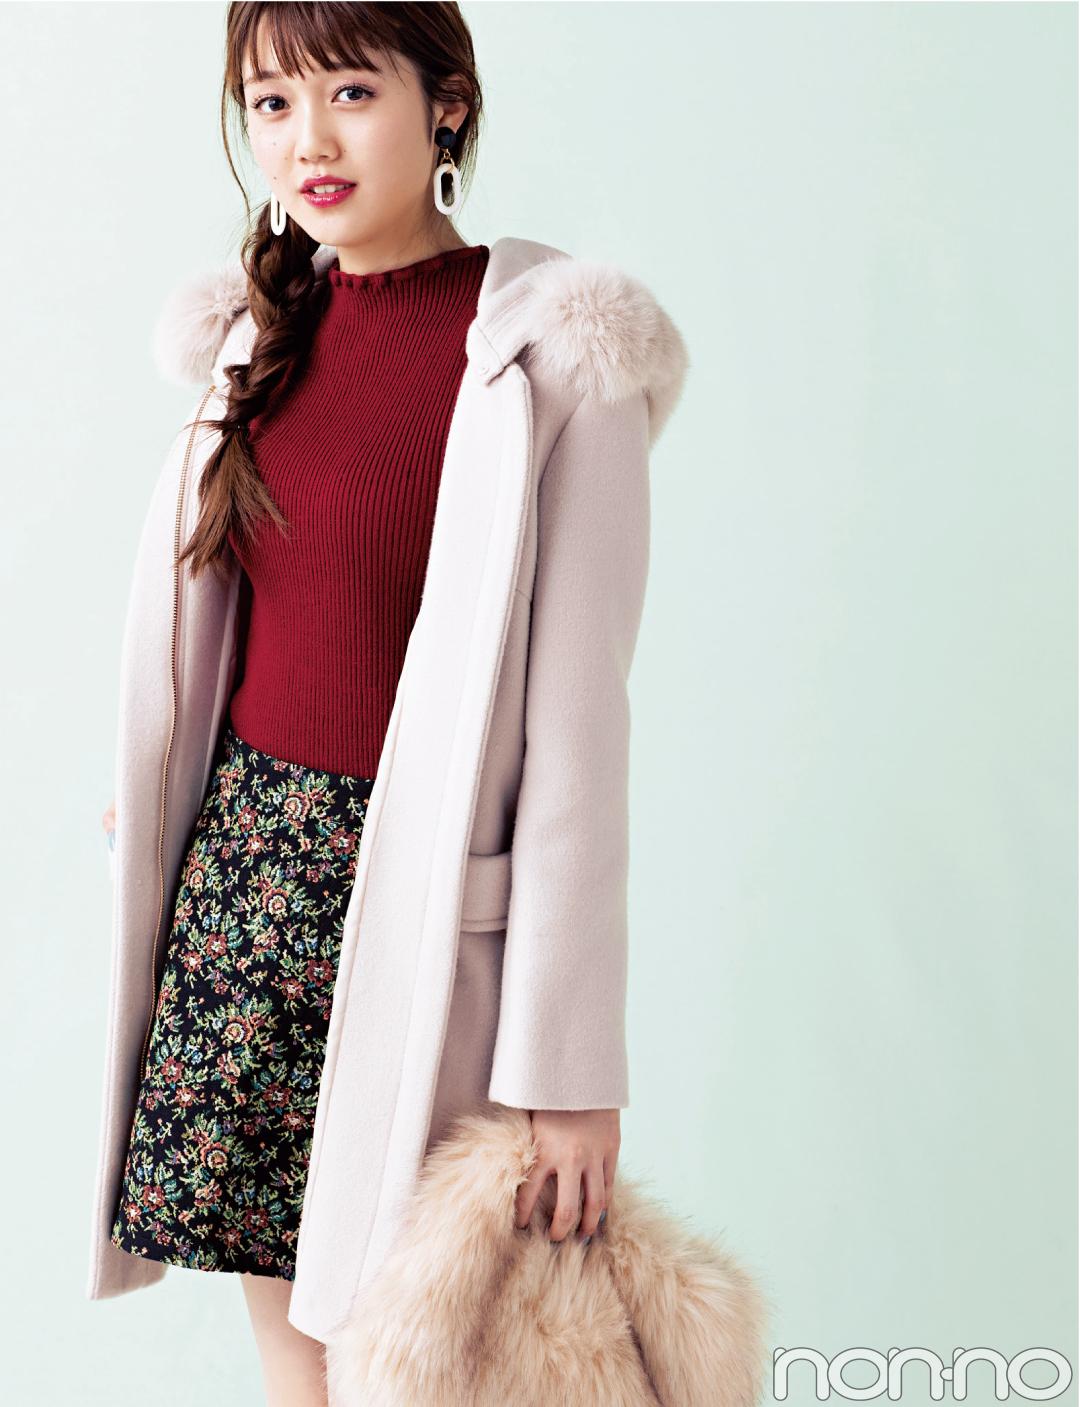 絶妙ピンクにキュン♡REDYAZELのファーコートが主役級の可愛さ!_1_1